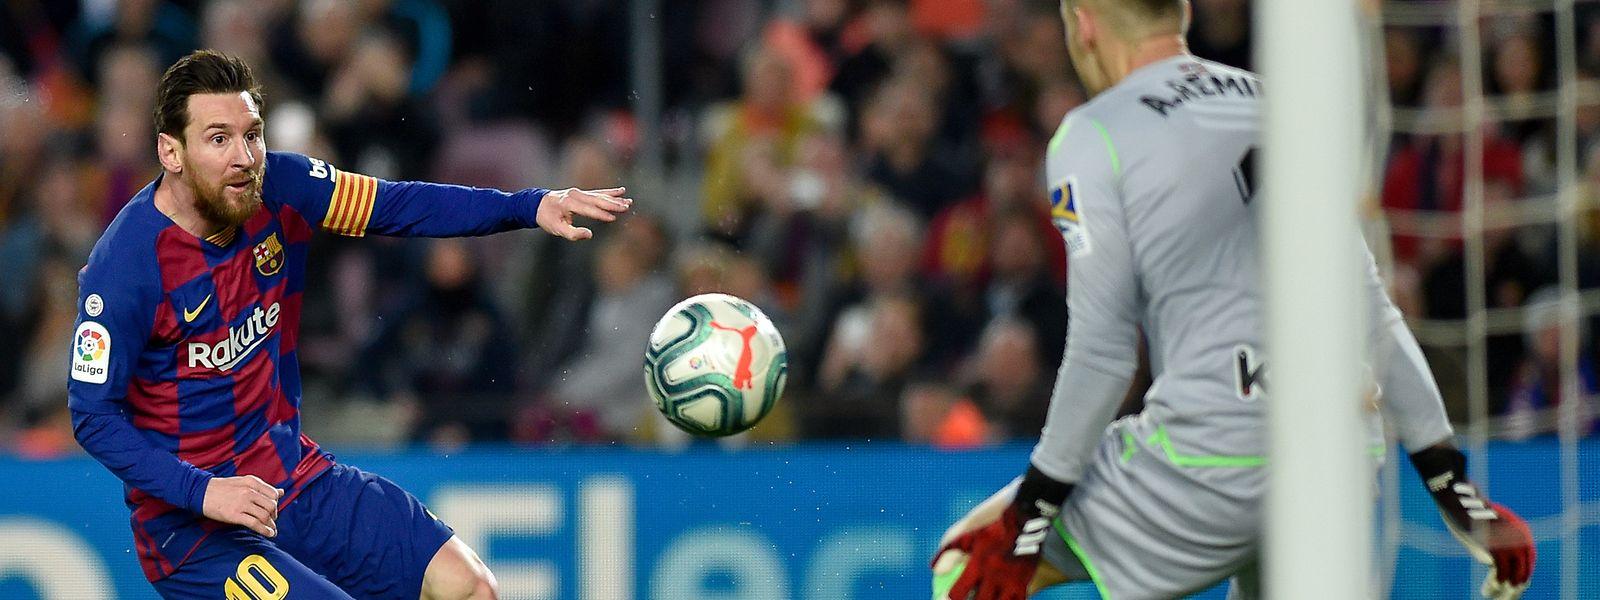 Après 16 ans au FC Barcelone, Lionel Messi a décidé de tenter une nouvelle aventure.